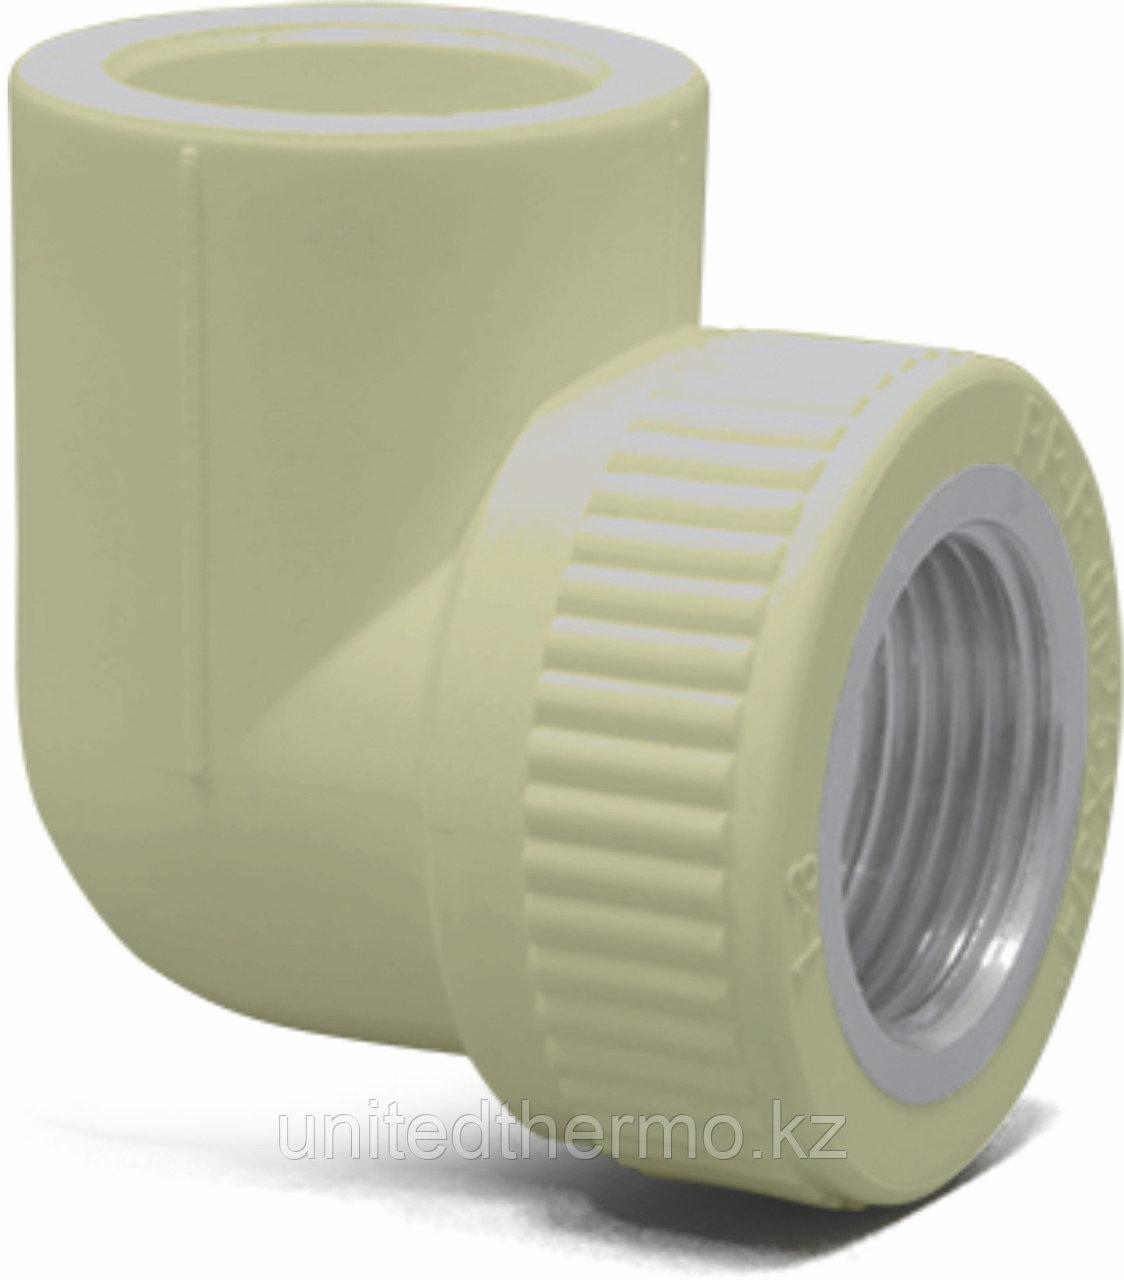 Угол 90° комбинированный ВР 20Х1/2 Fusitek (СЕРЫЙ)